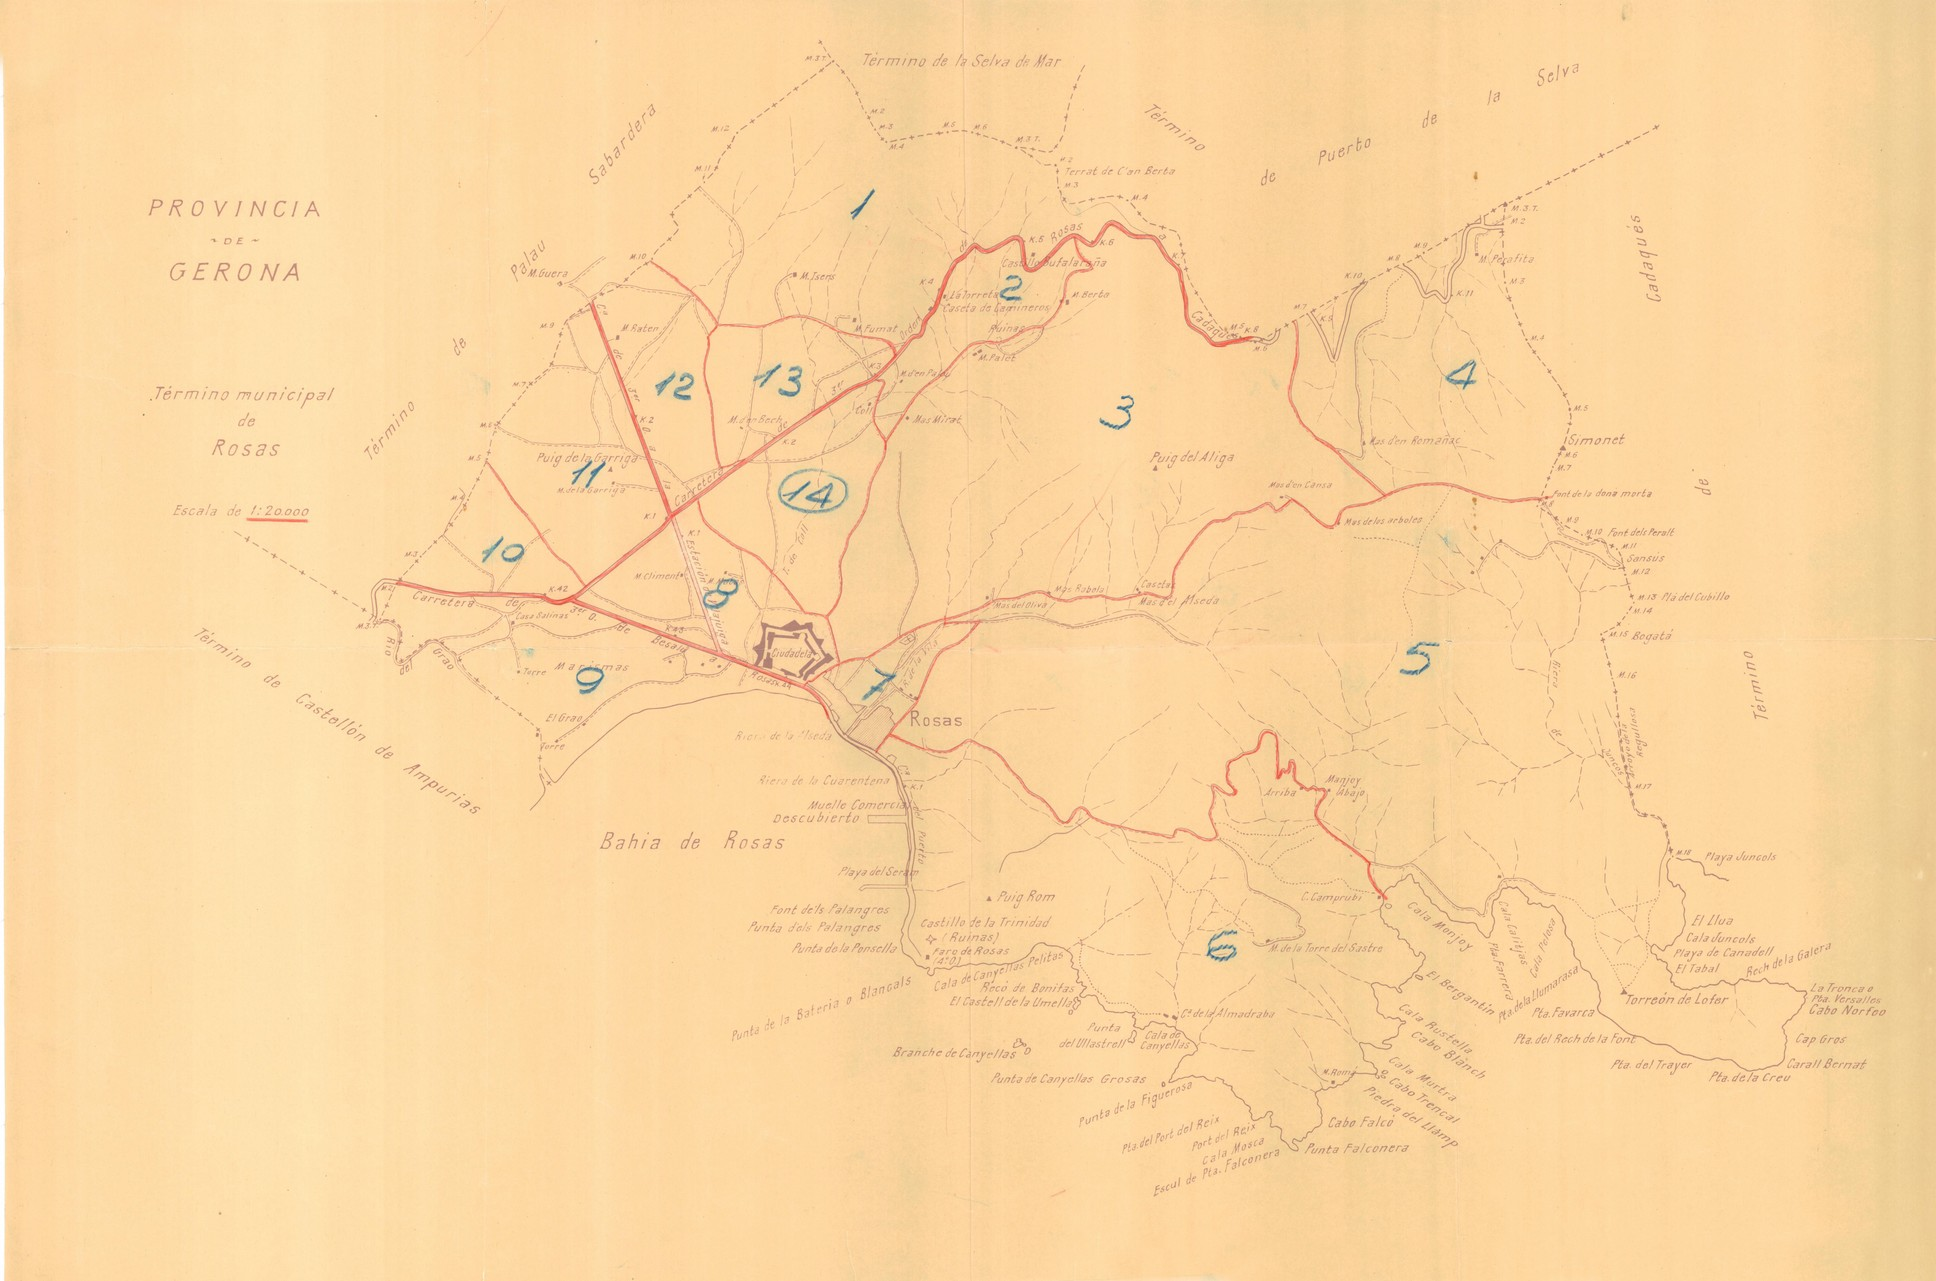 L'AMR presenta cartografia de 1958 i organitza un Locus Amoenus al Mas de les Figueres